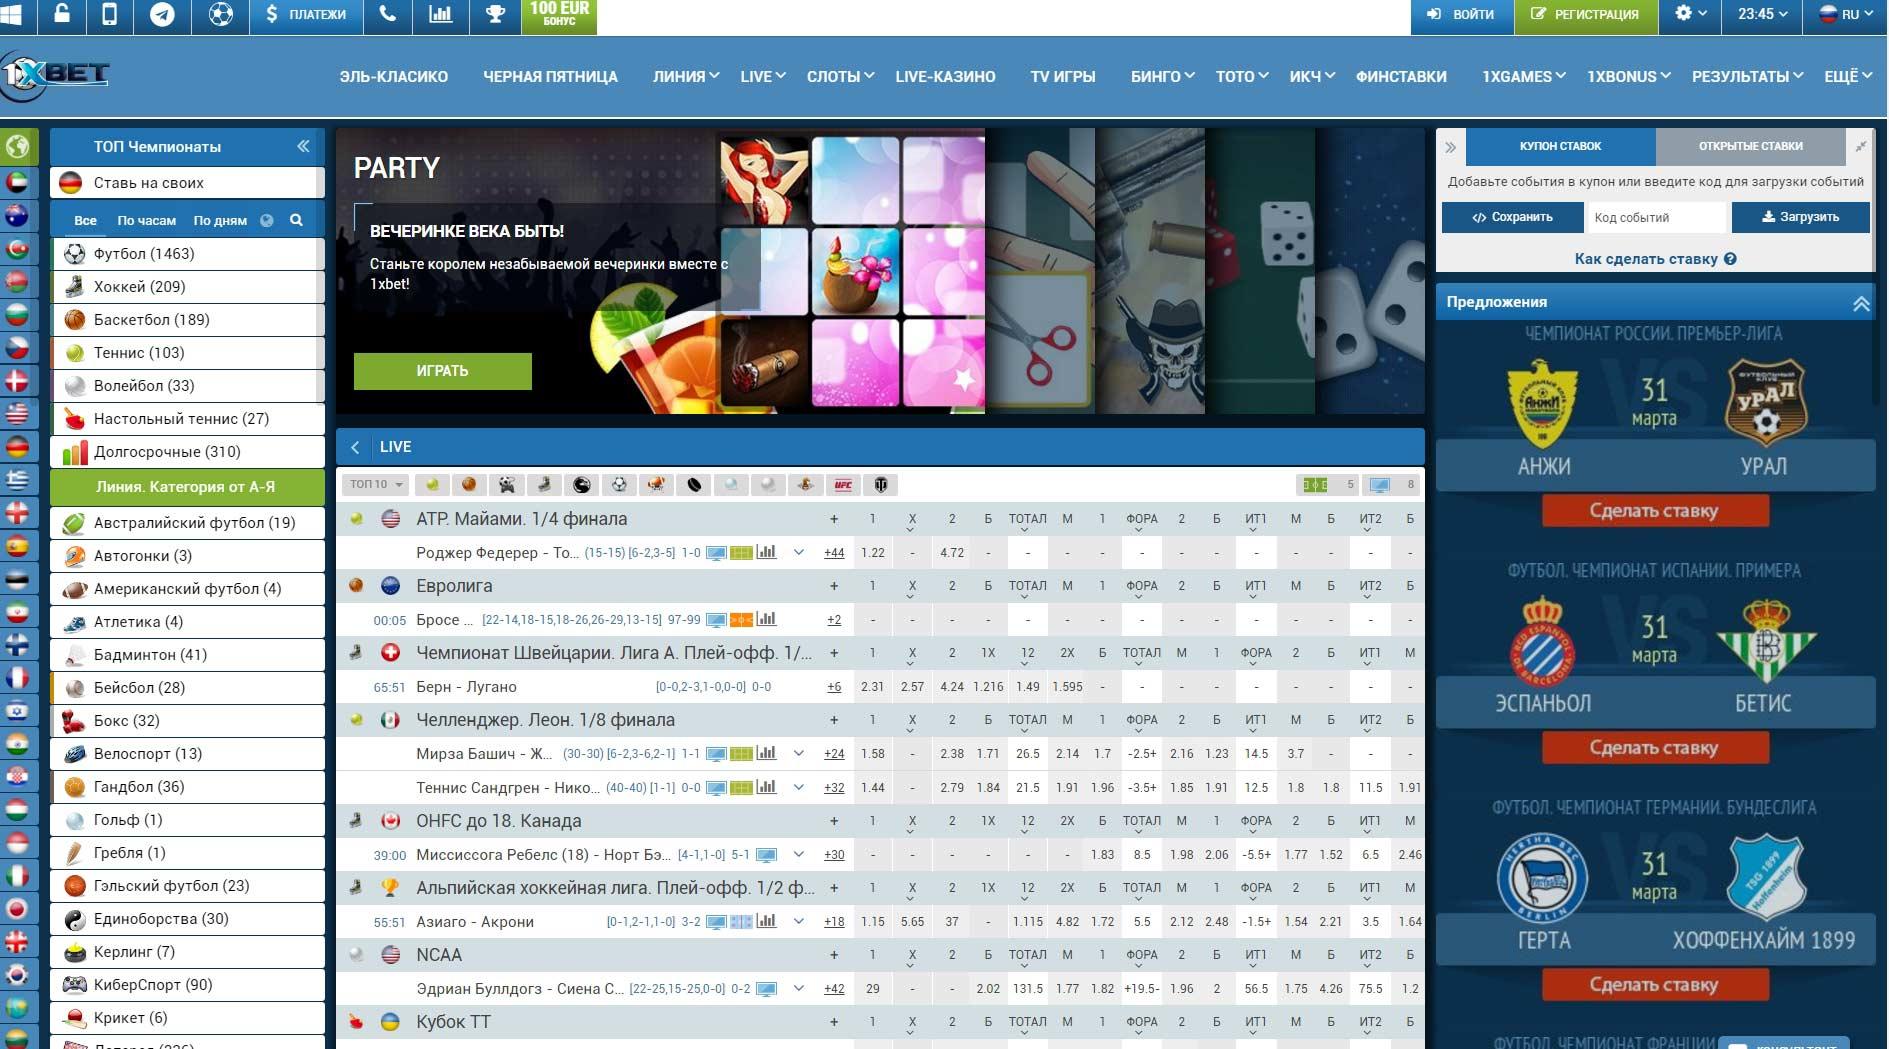 1xbet официальный сайт: регистрация, зеркало 1xbet на сегодня